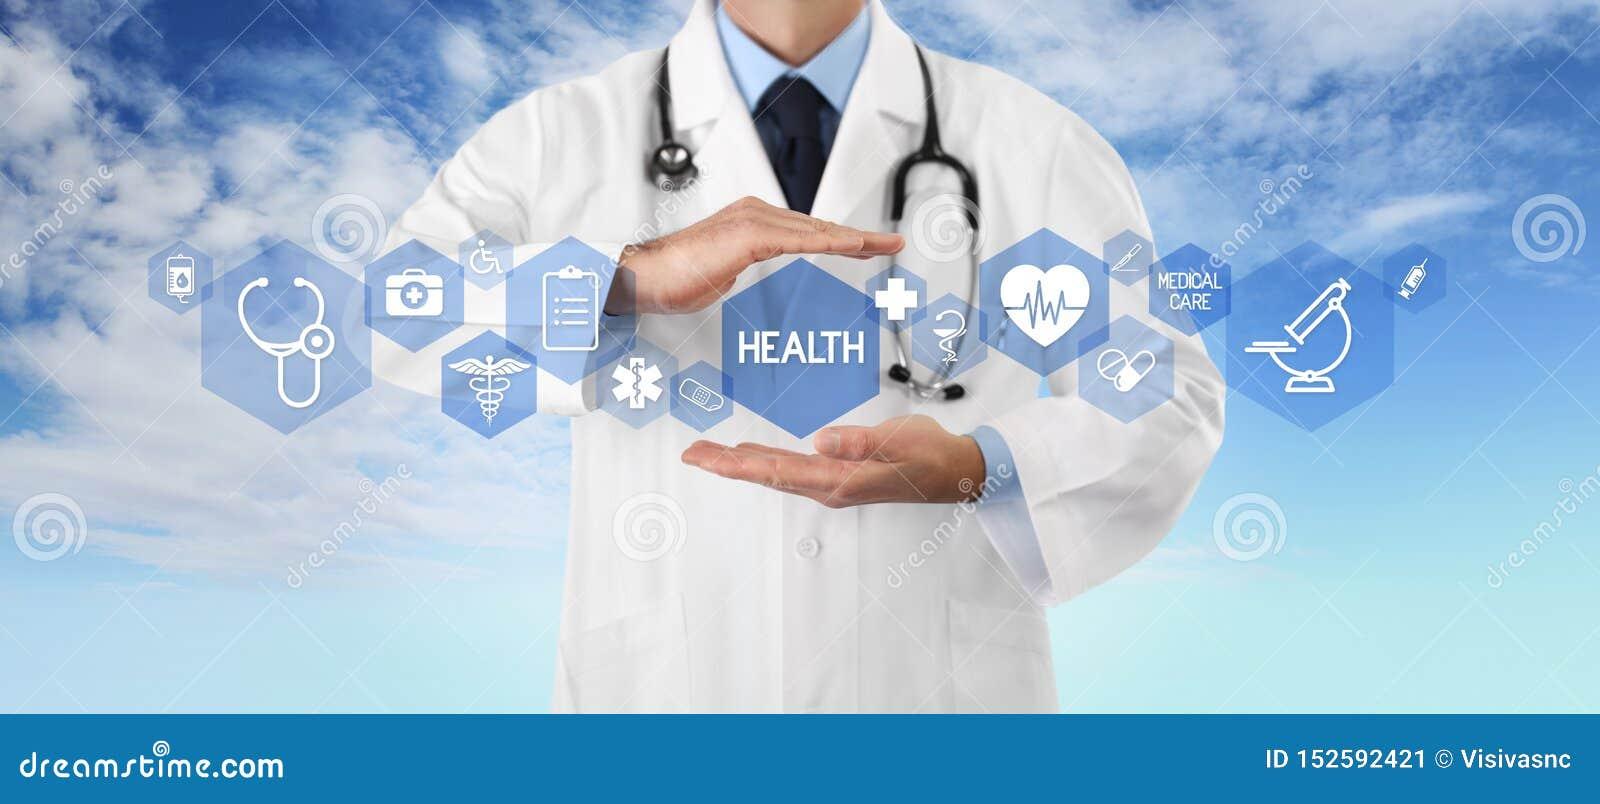 Conceito do seguro da cobertura médica, doutor das mãos cobrindo símbolos e ícones no fundo do céu, no espaço da cópia e no molde